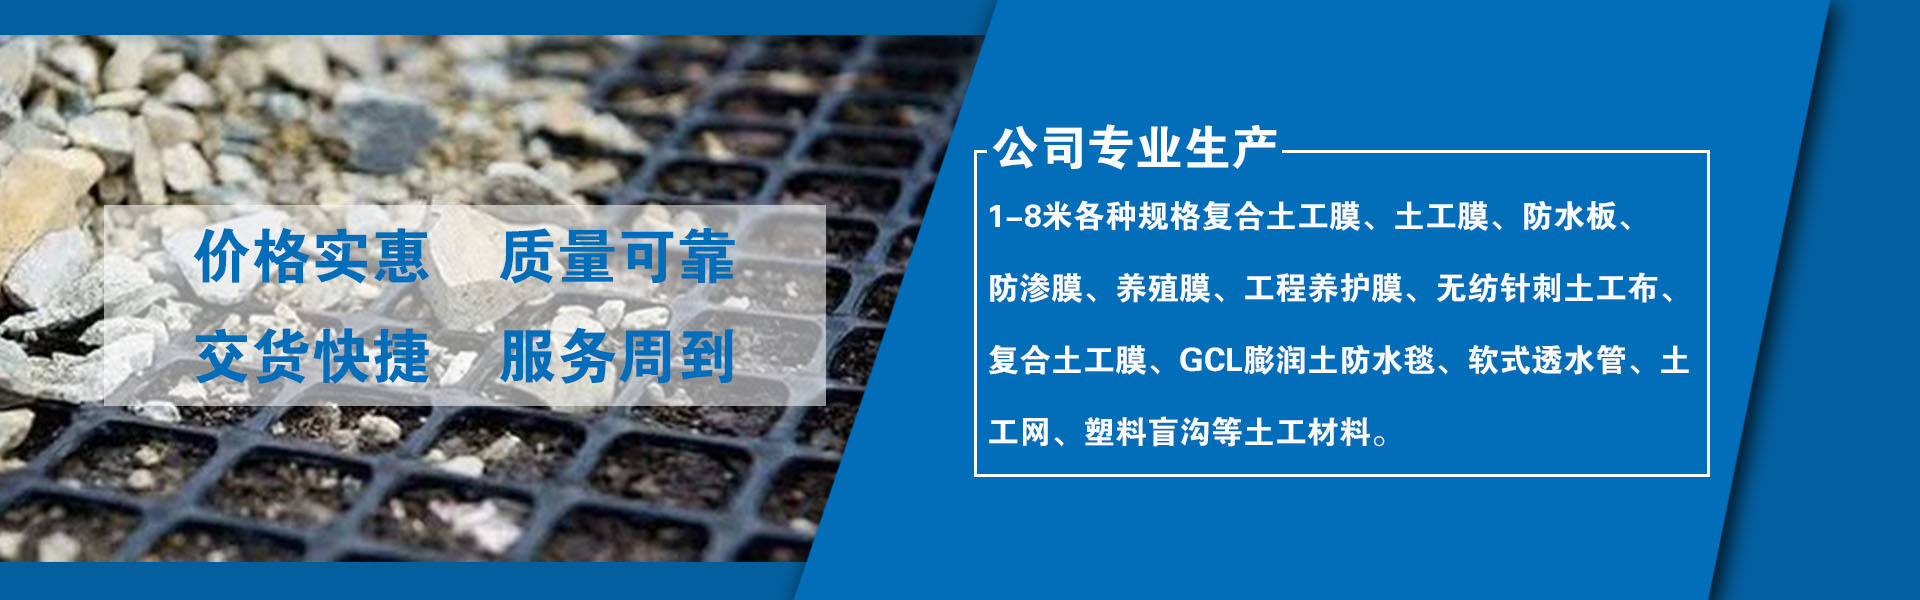 蘭州土工布,甘肅土工膜廠家,青海土工格柵,西寧復合排水網,蘭州HDPE土工膜,甘肅聚乙烯纖維